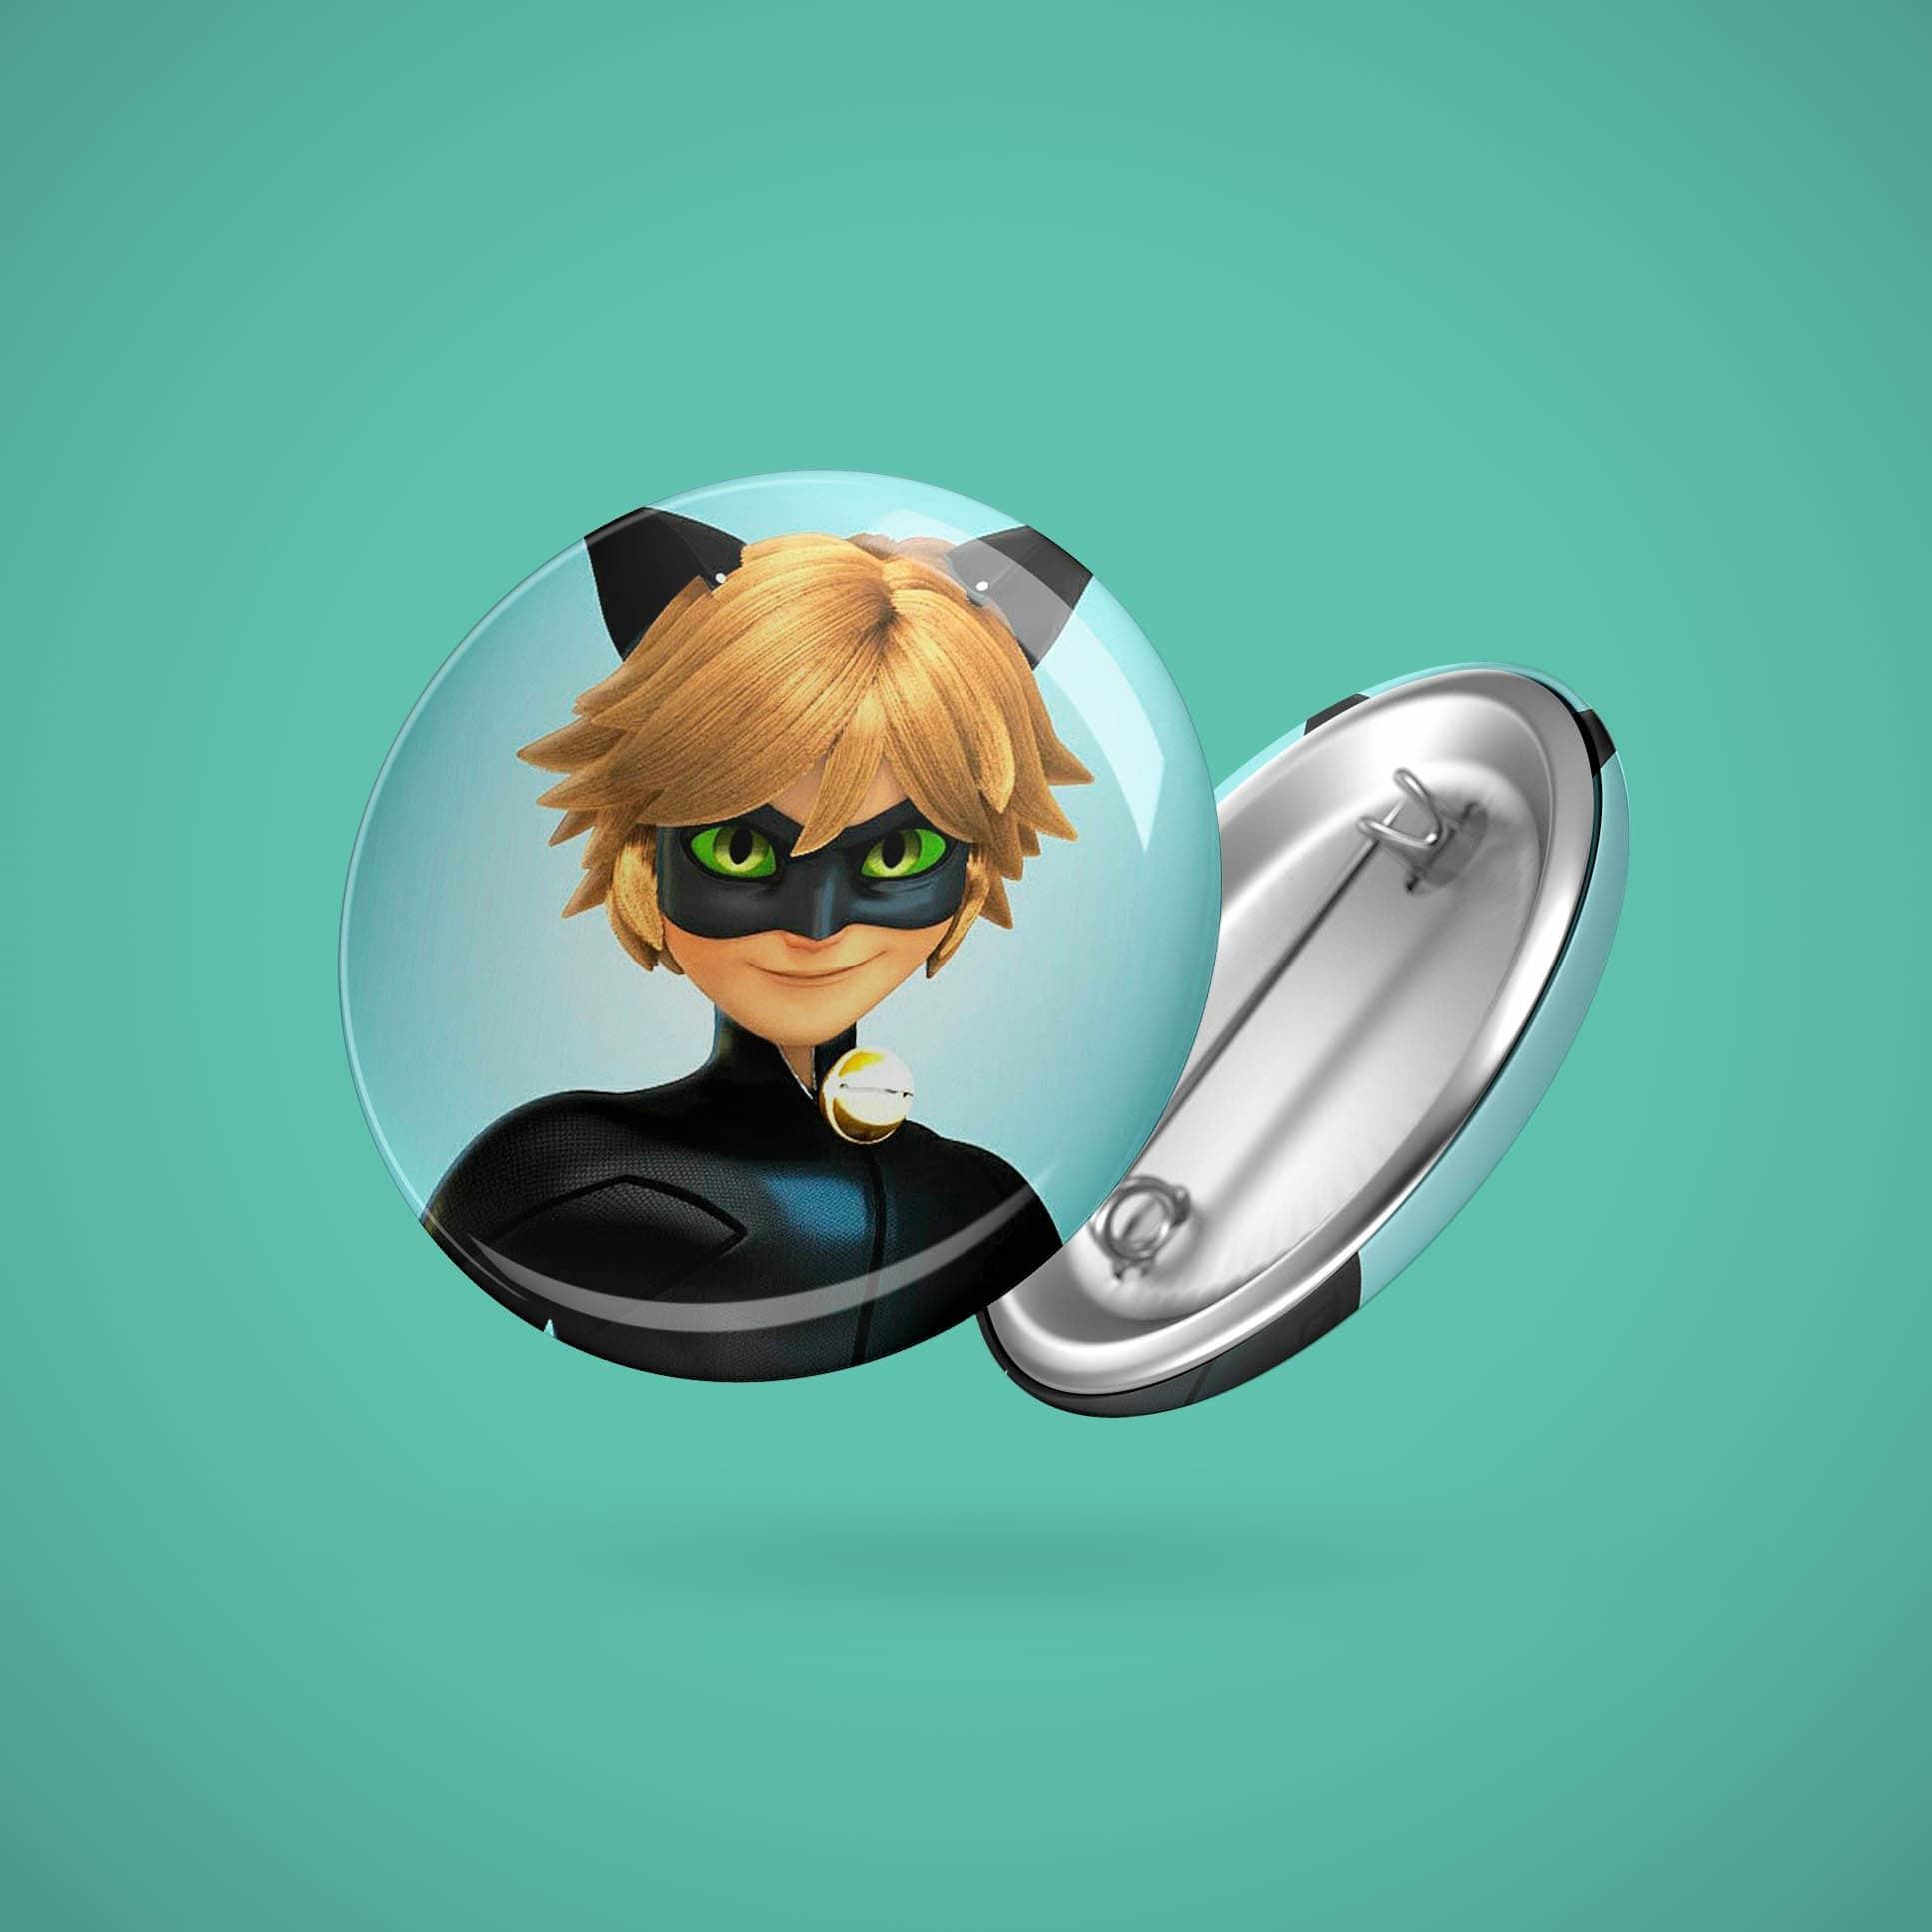 Большой значок с Супер Котом - купить в интернет-магазине kinoshop24.ru